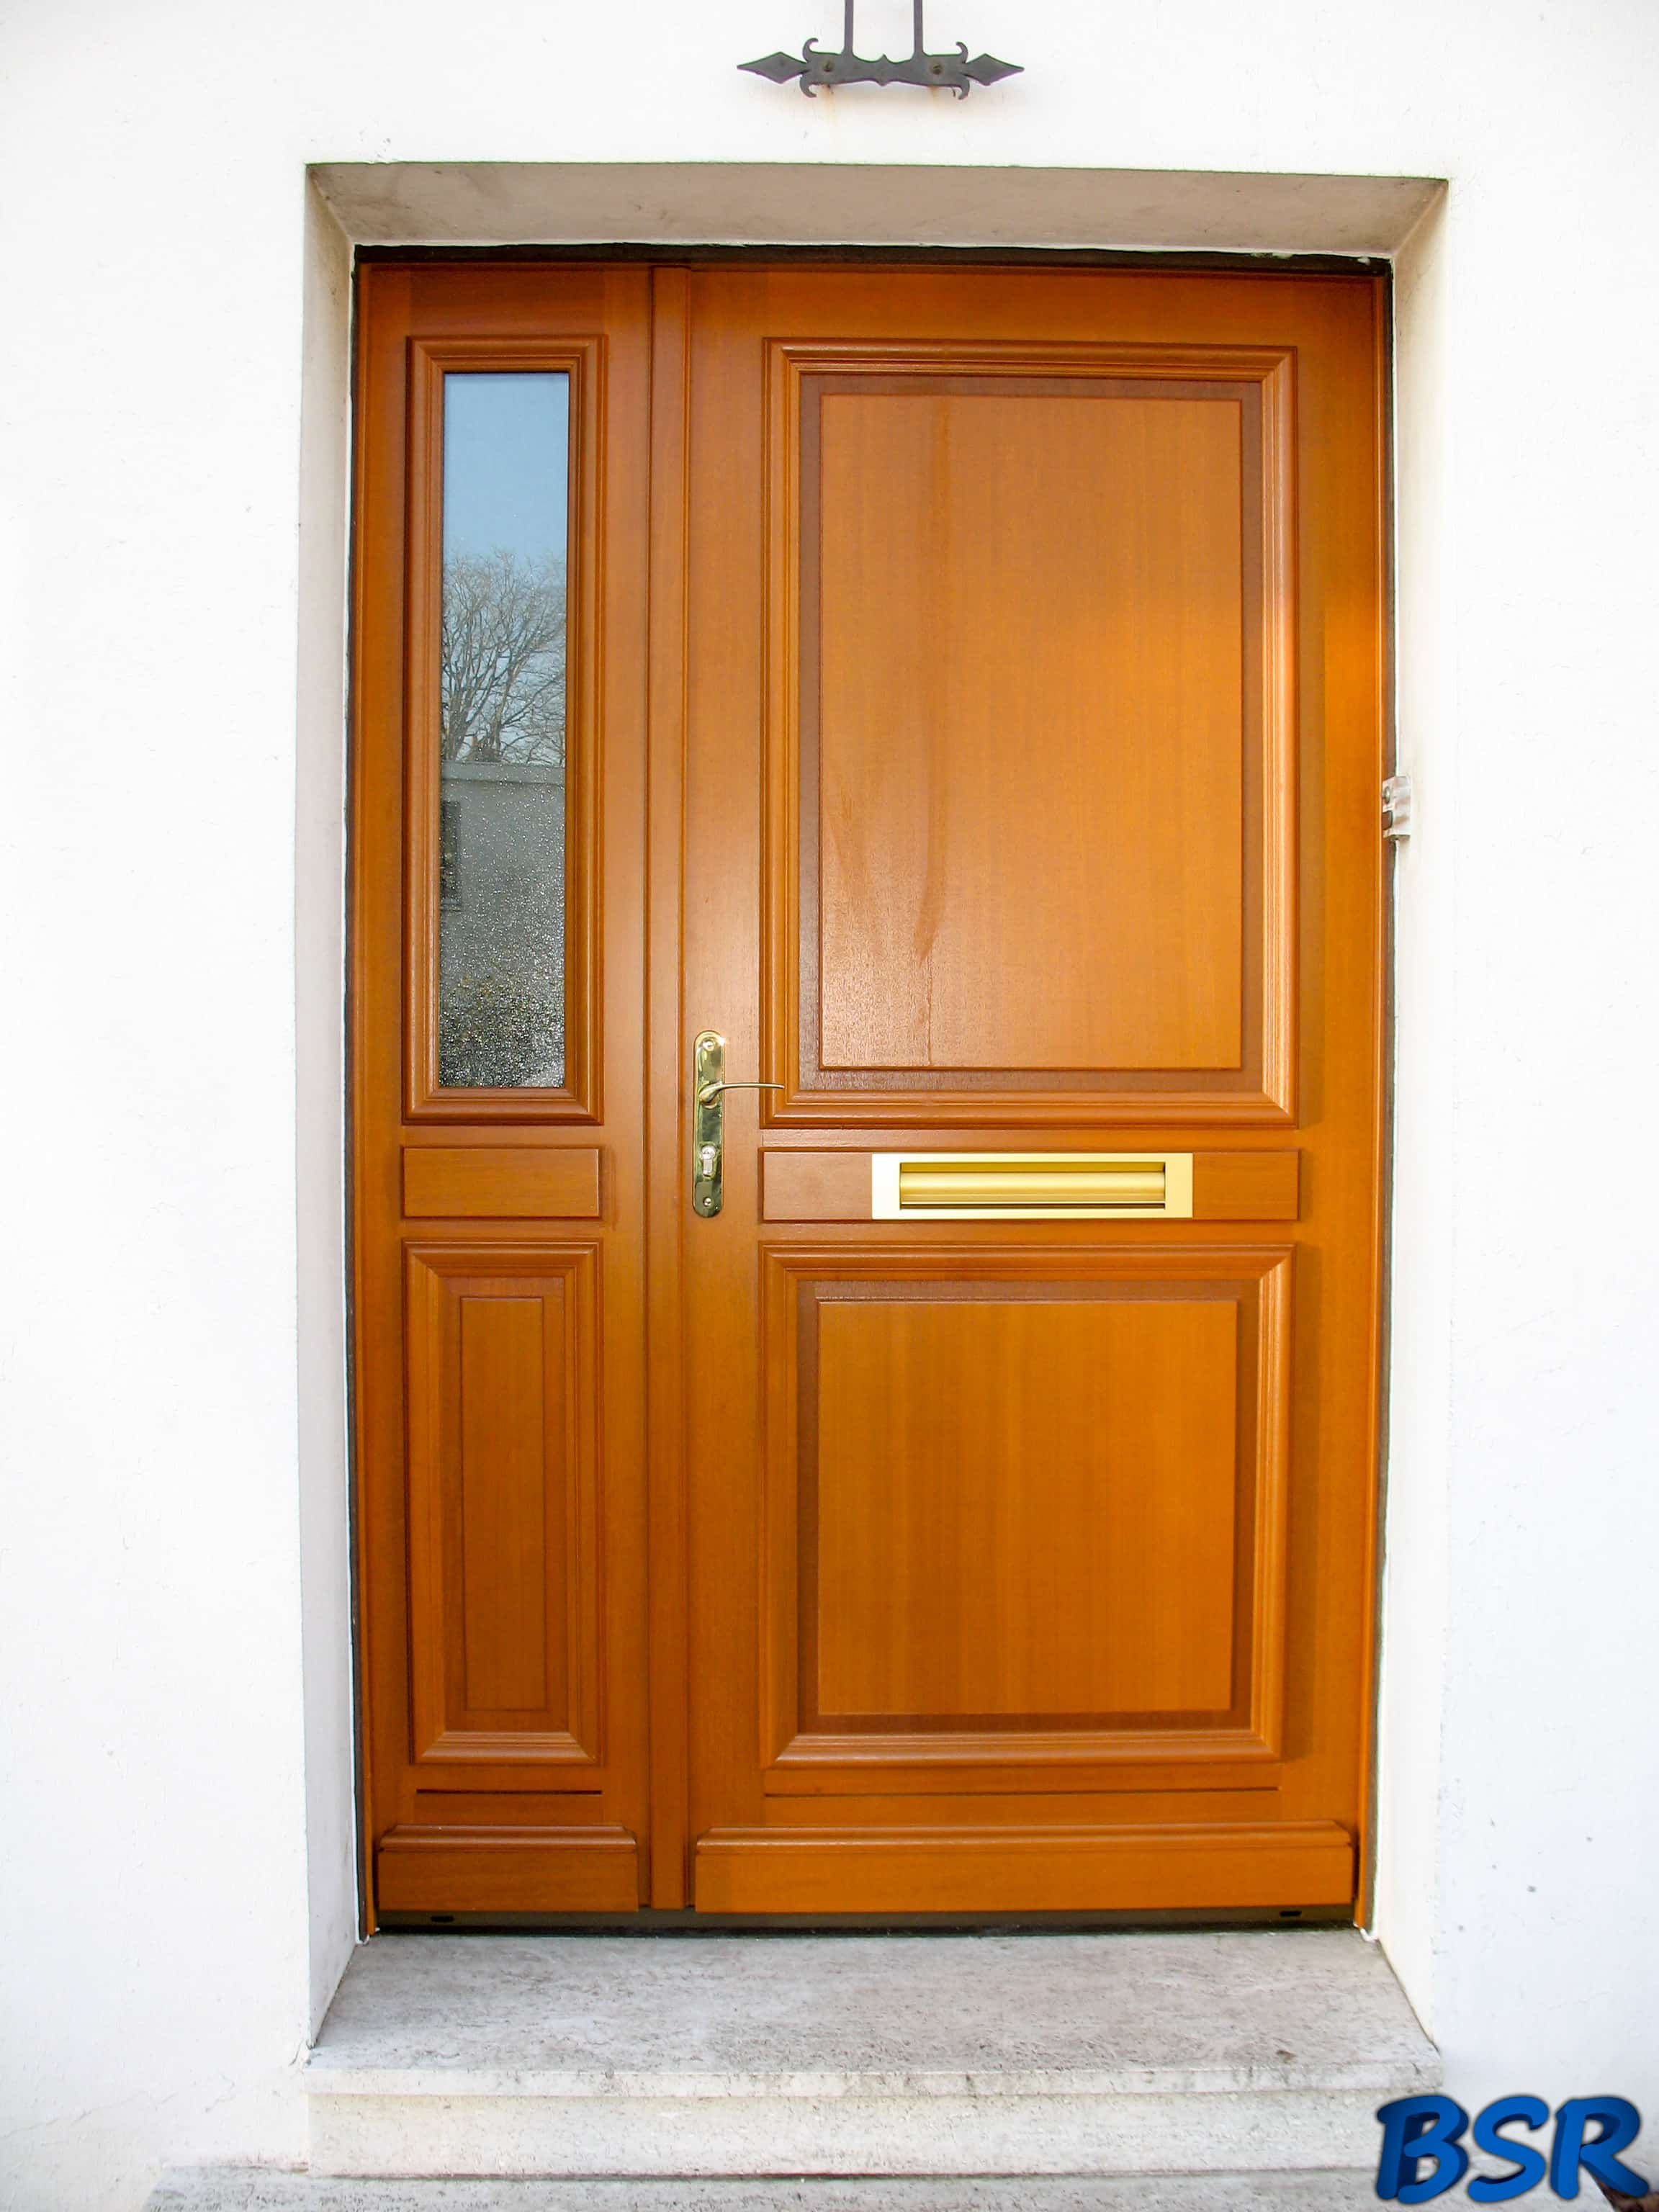 Les portes et fen tres en bois de bsr bourguignon for Porte fenetre bois exotique